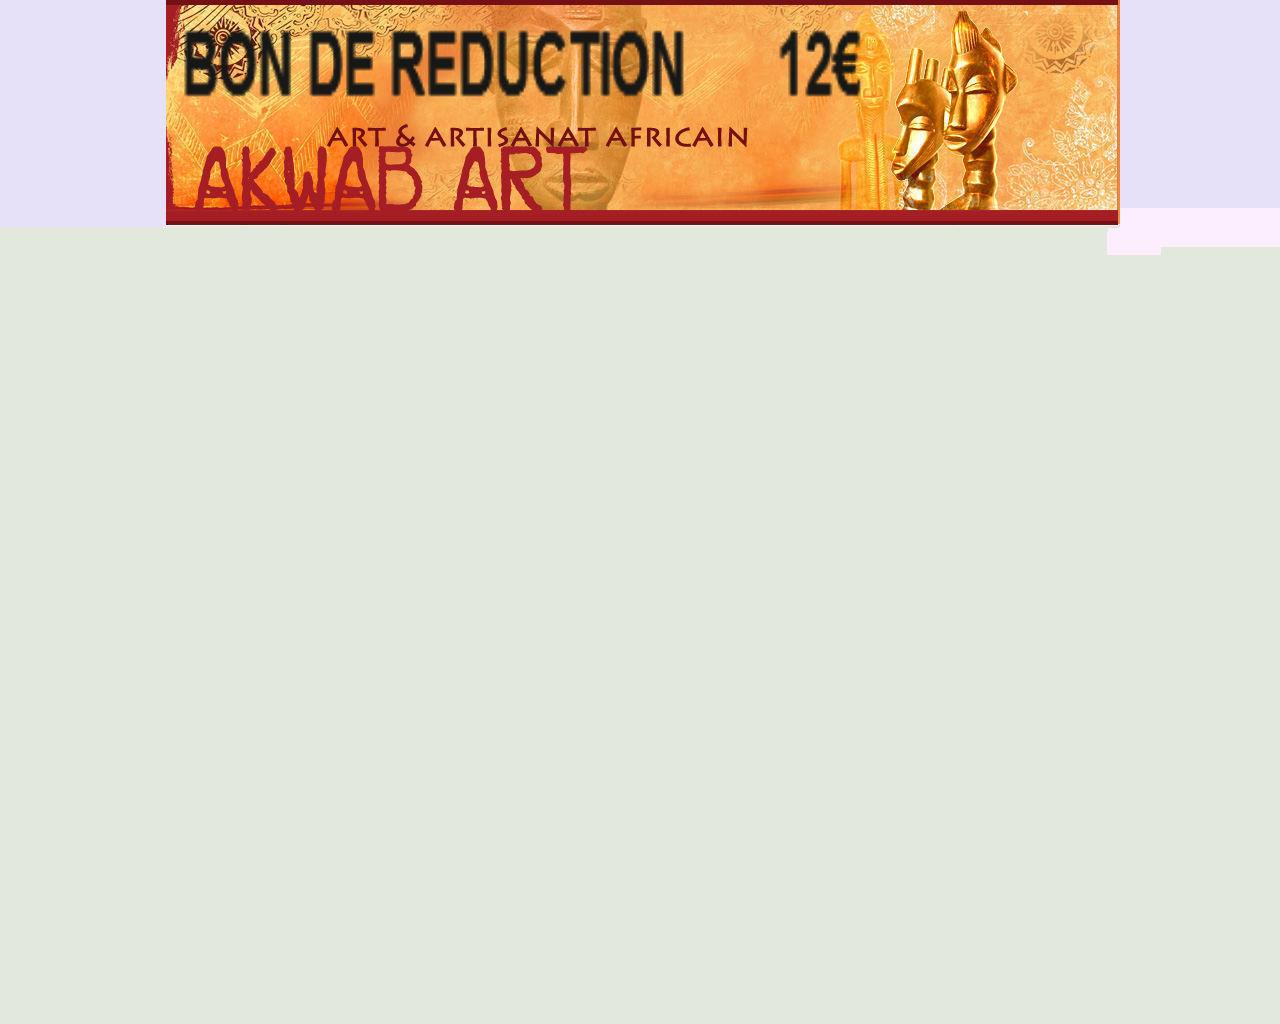 Points de fid lit vente d 39 artisanat africain chaise a palabre jeu awal - Vente unique bon de reduction ...